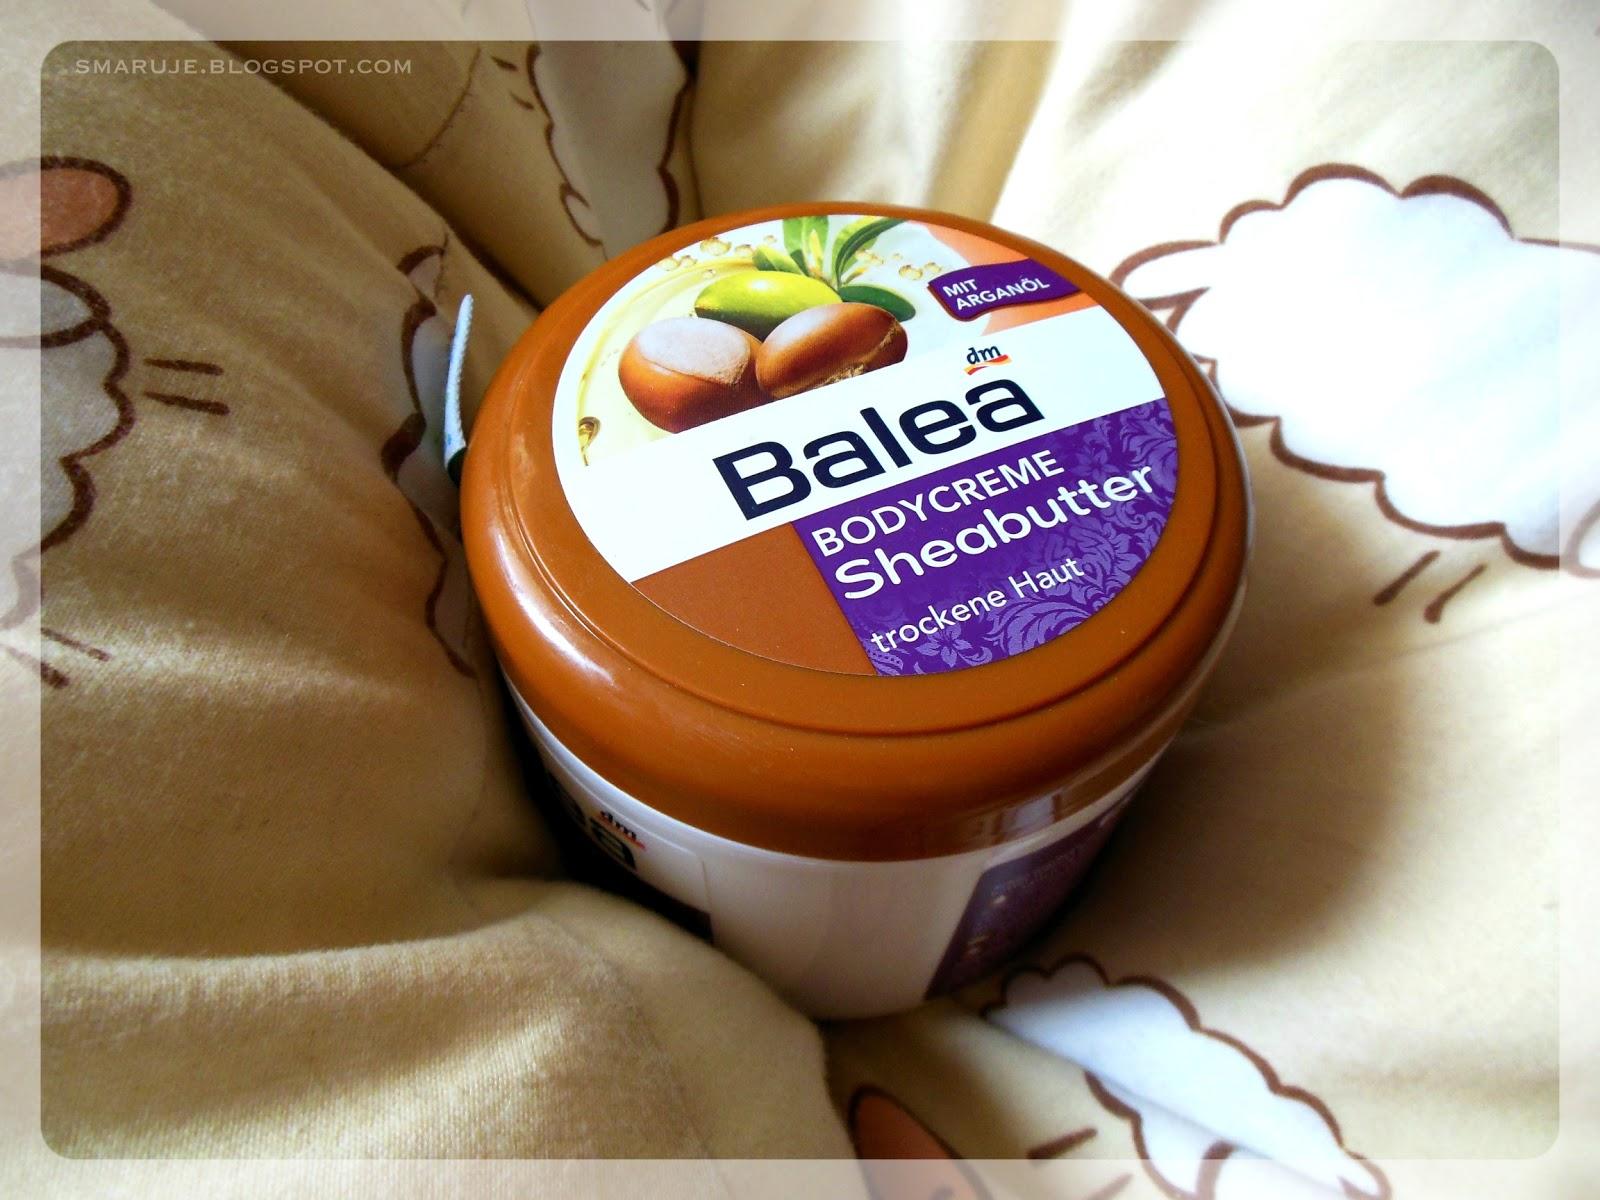 Konkurent kakaowej Isany: Balea – Sheabutter Bodycreme z olejem arganowym [recenzja]